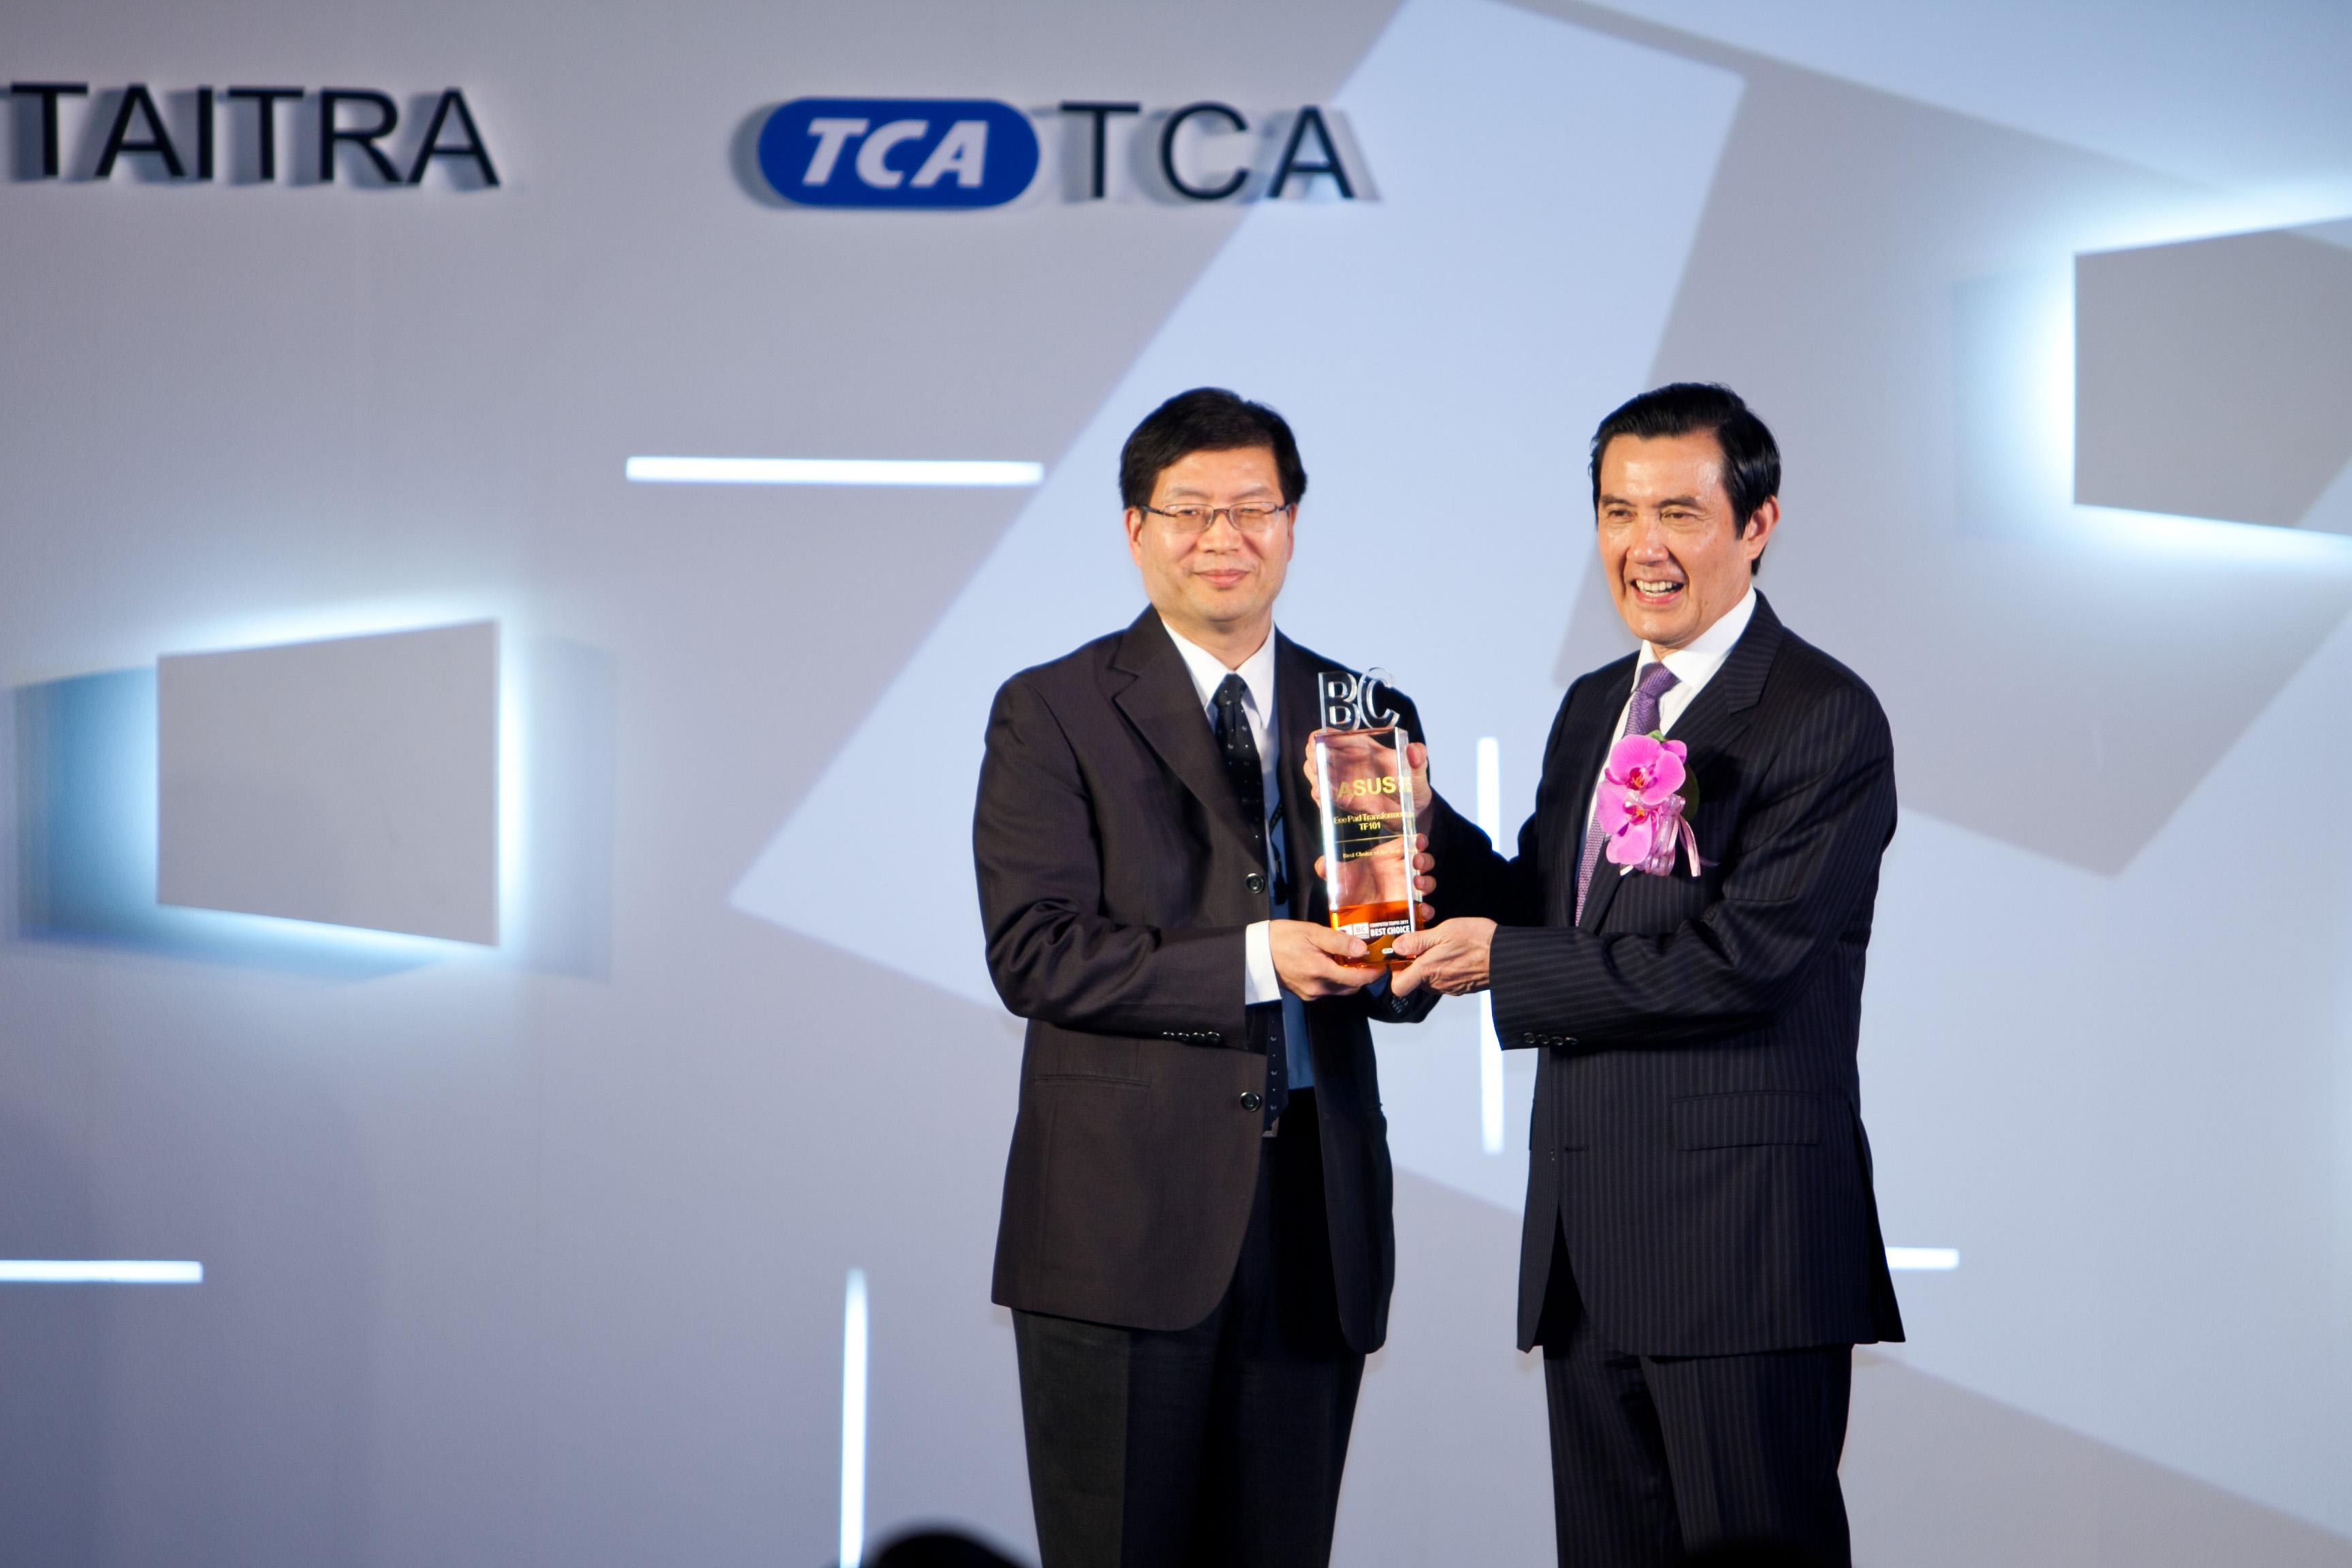 2011華碩榮獲七項大獎 蟬聯獲獎數之冠